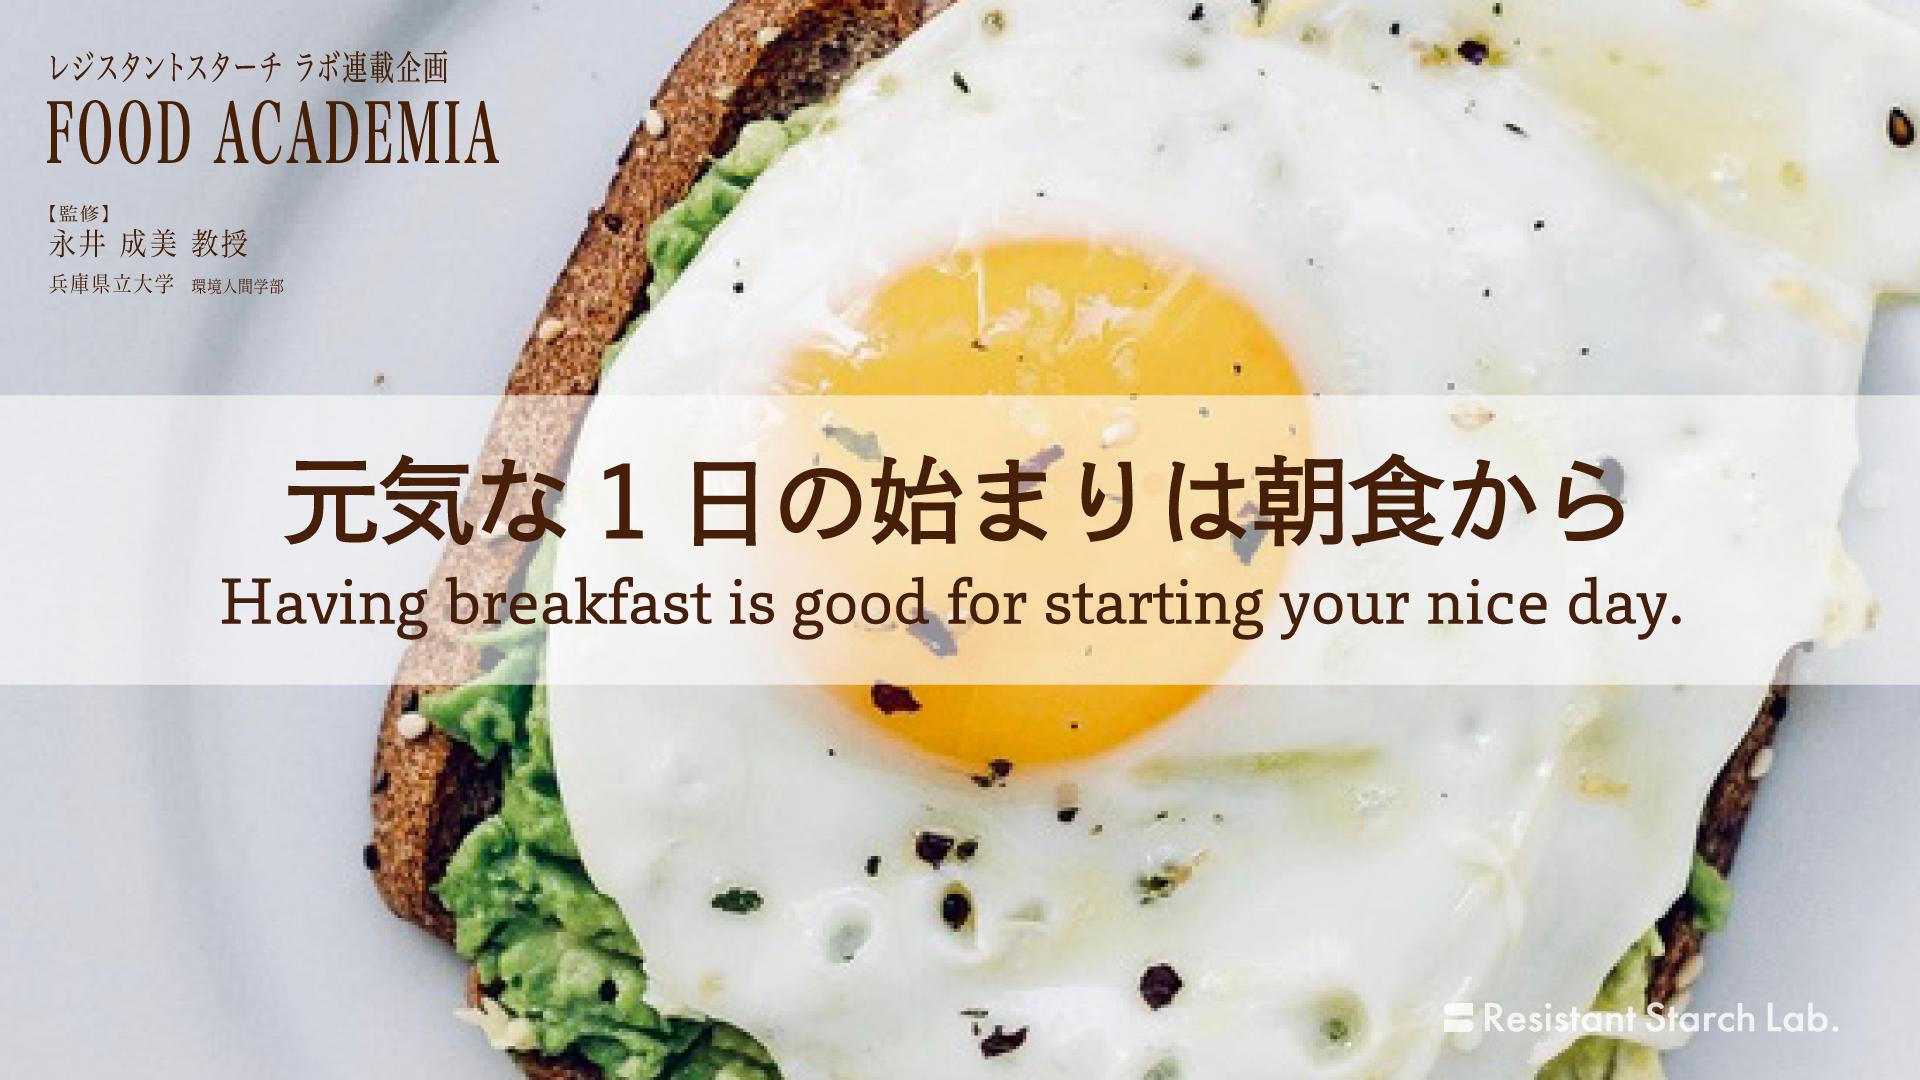 学び編「元気な1日の始まりは朝食から」